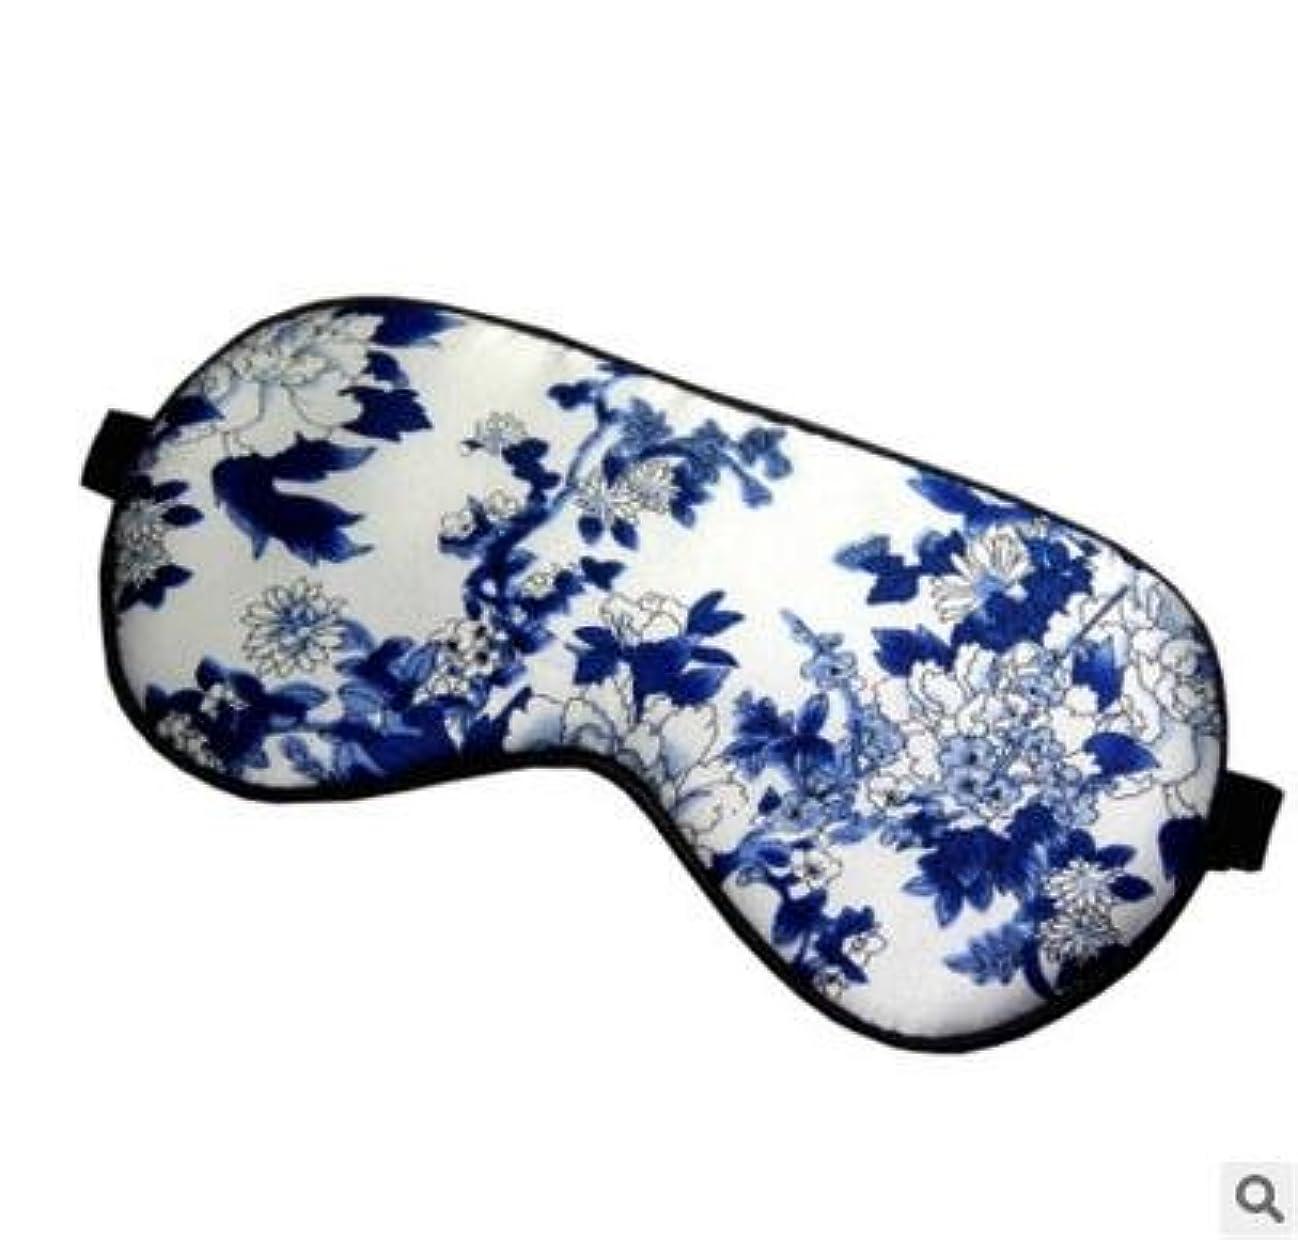 協会コメントホームレスNOTE 青と白の高級シルクポータブルトラベルスリープアイマスクレストエイドソフトカバーアイパッチアイシェードスリーピングマスクケースMR097